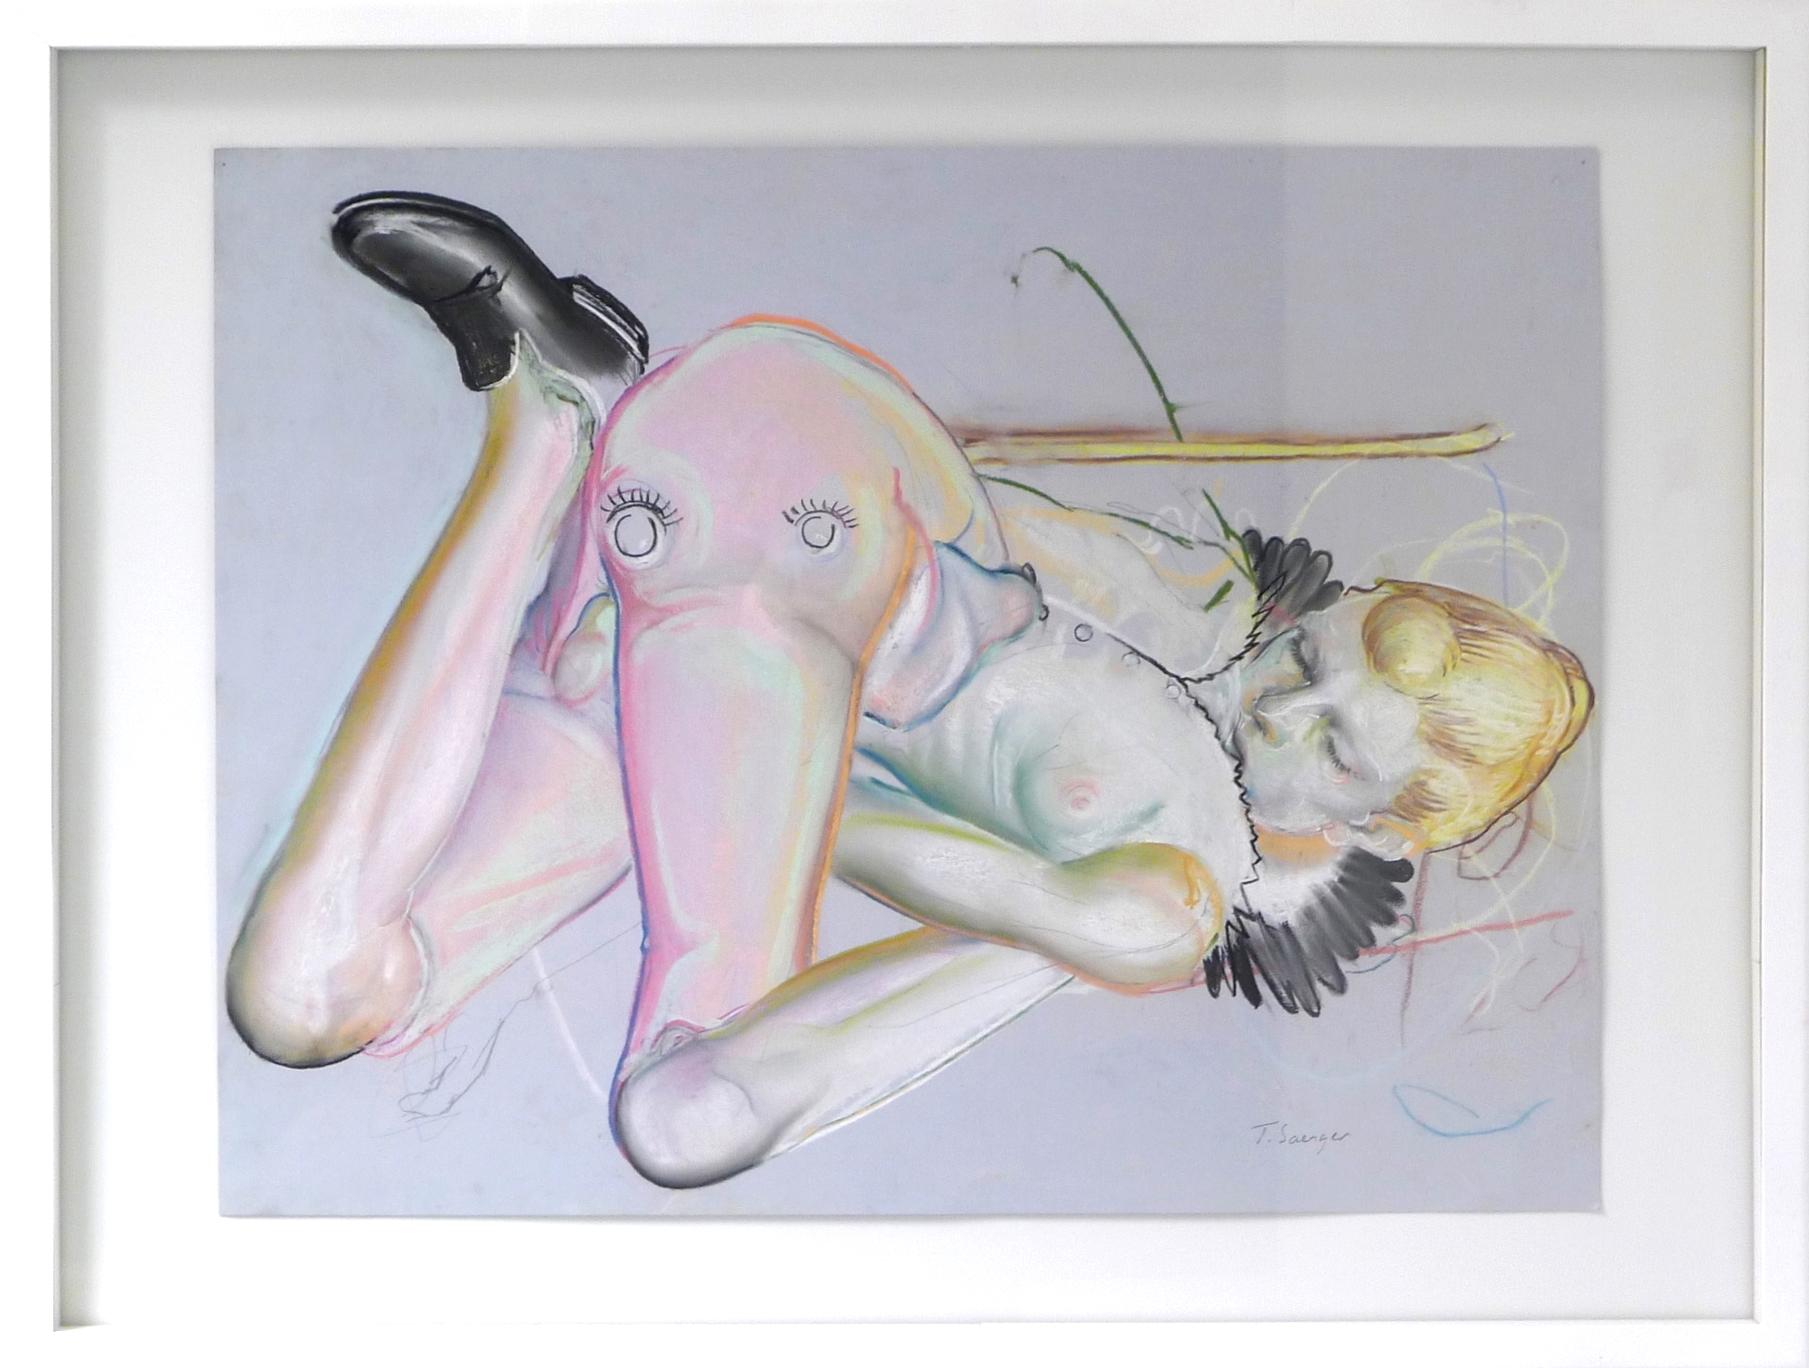 Thomas Saenger, 'The Elephant', 2015